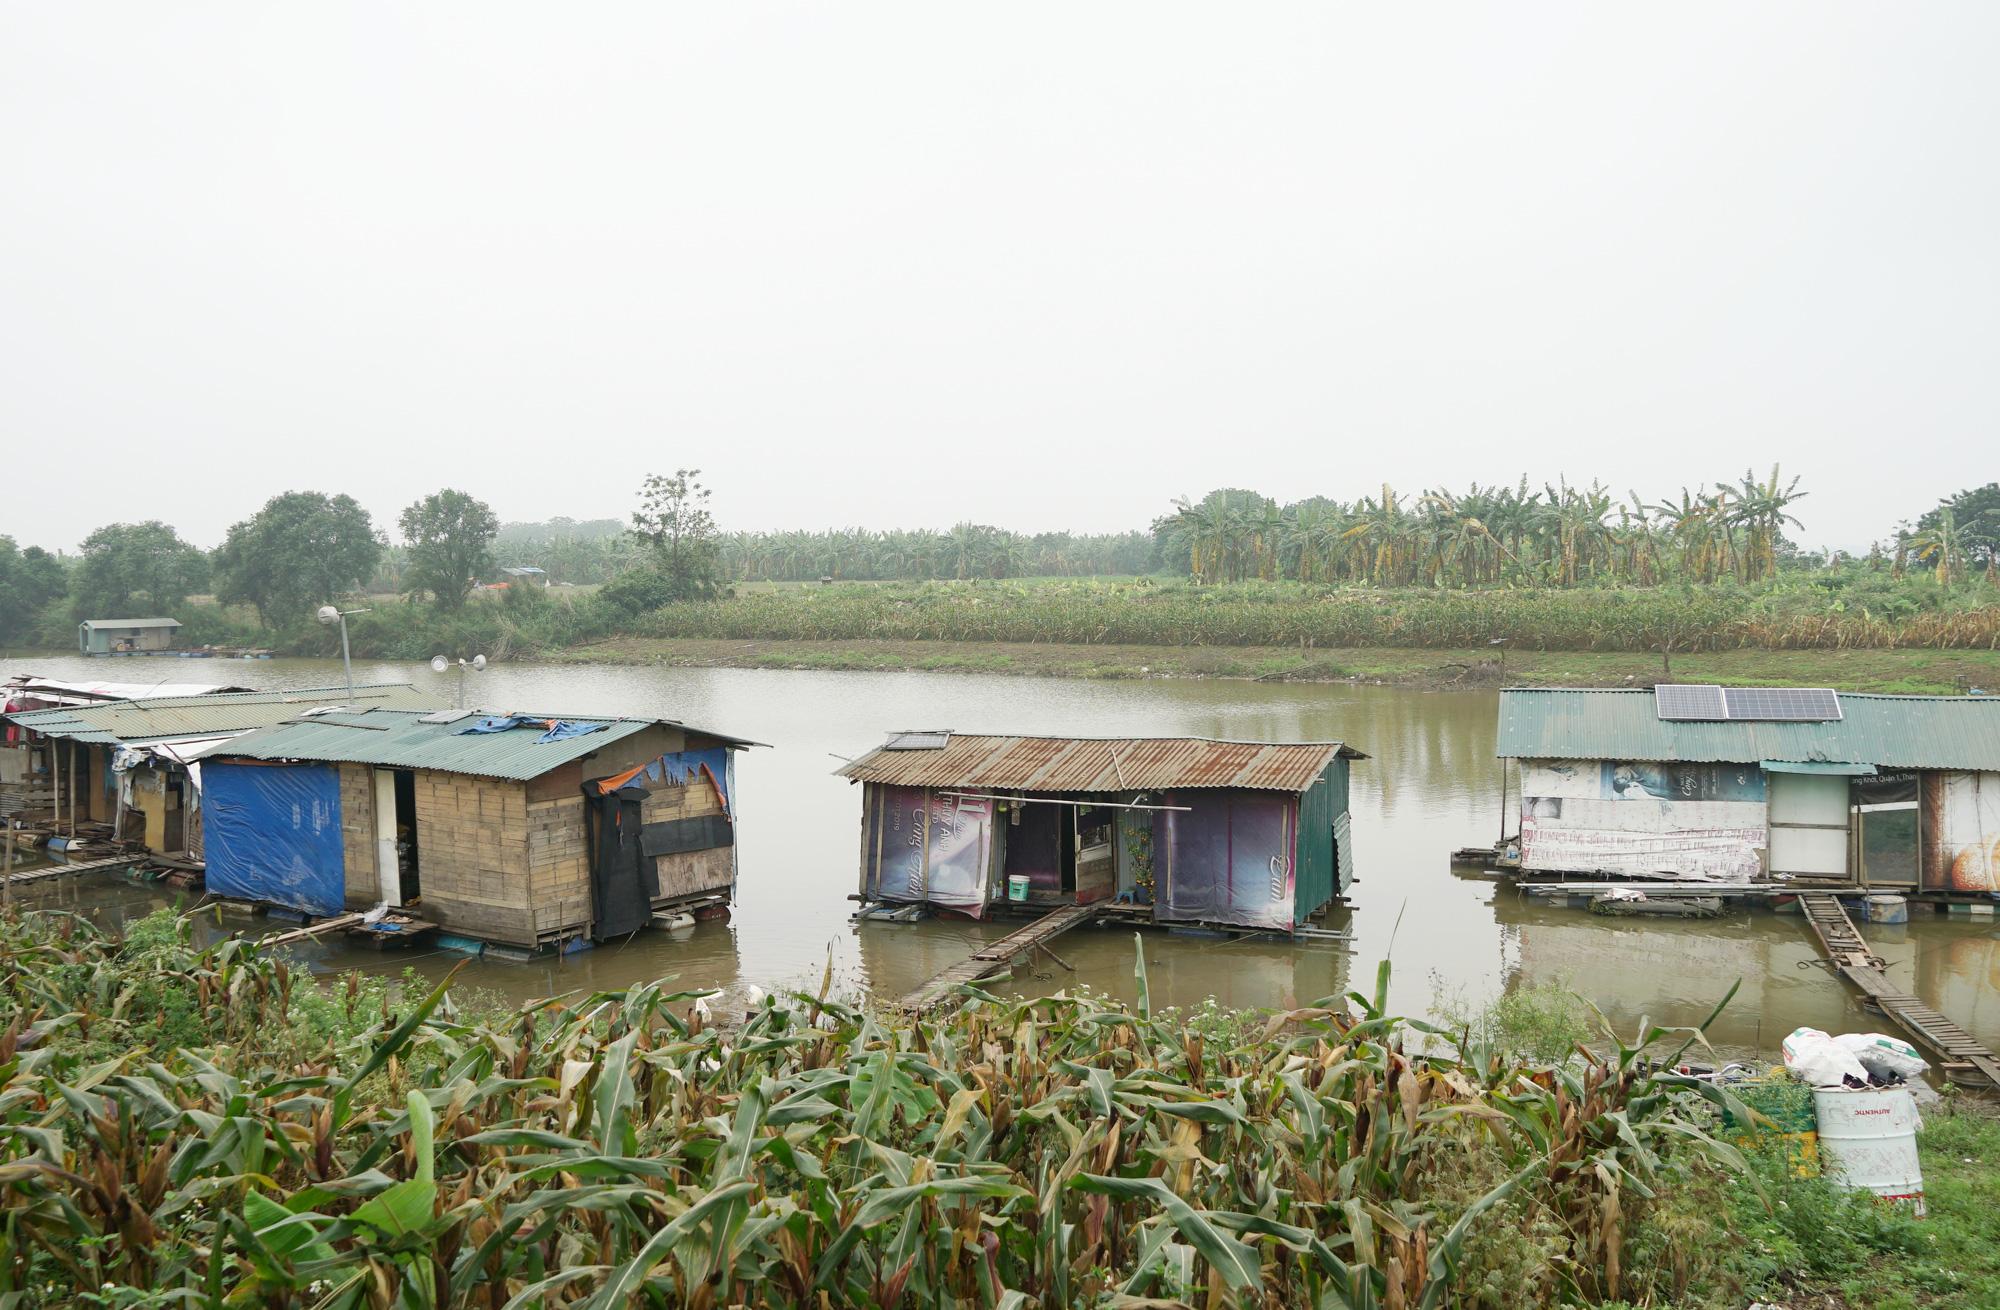 Cuộc sống cùng cực của người dân xóm chài Hà Nội và nỗi lo quy hoạch - Ảnh 7.